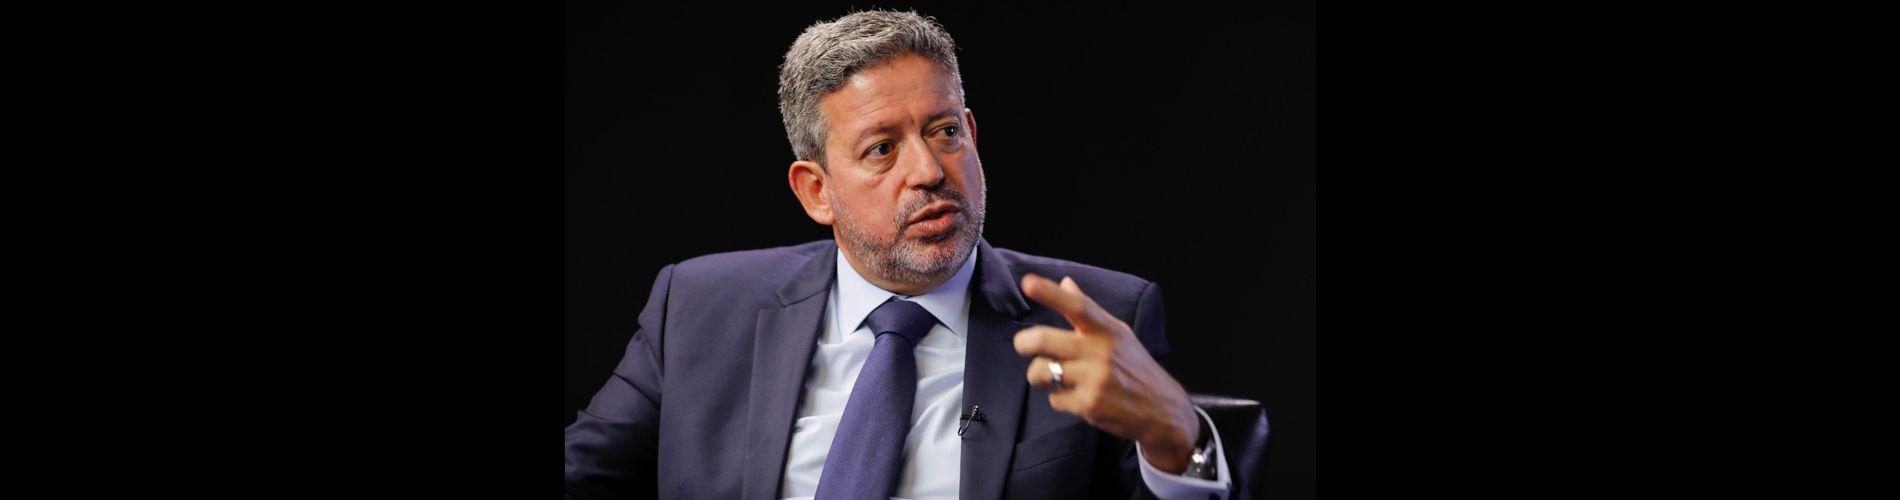 Lira afirma que Reforma Administrativa será analisada depois do feriado de 12 de outubro